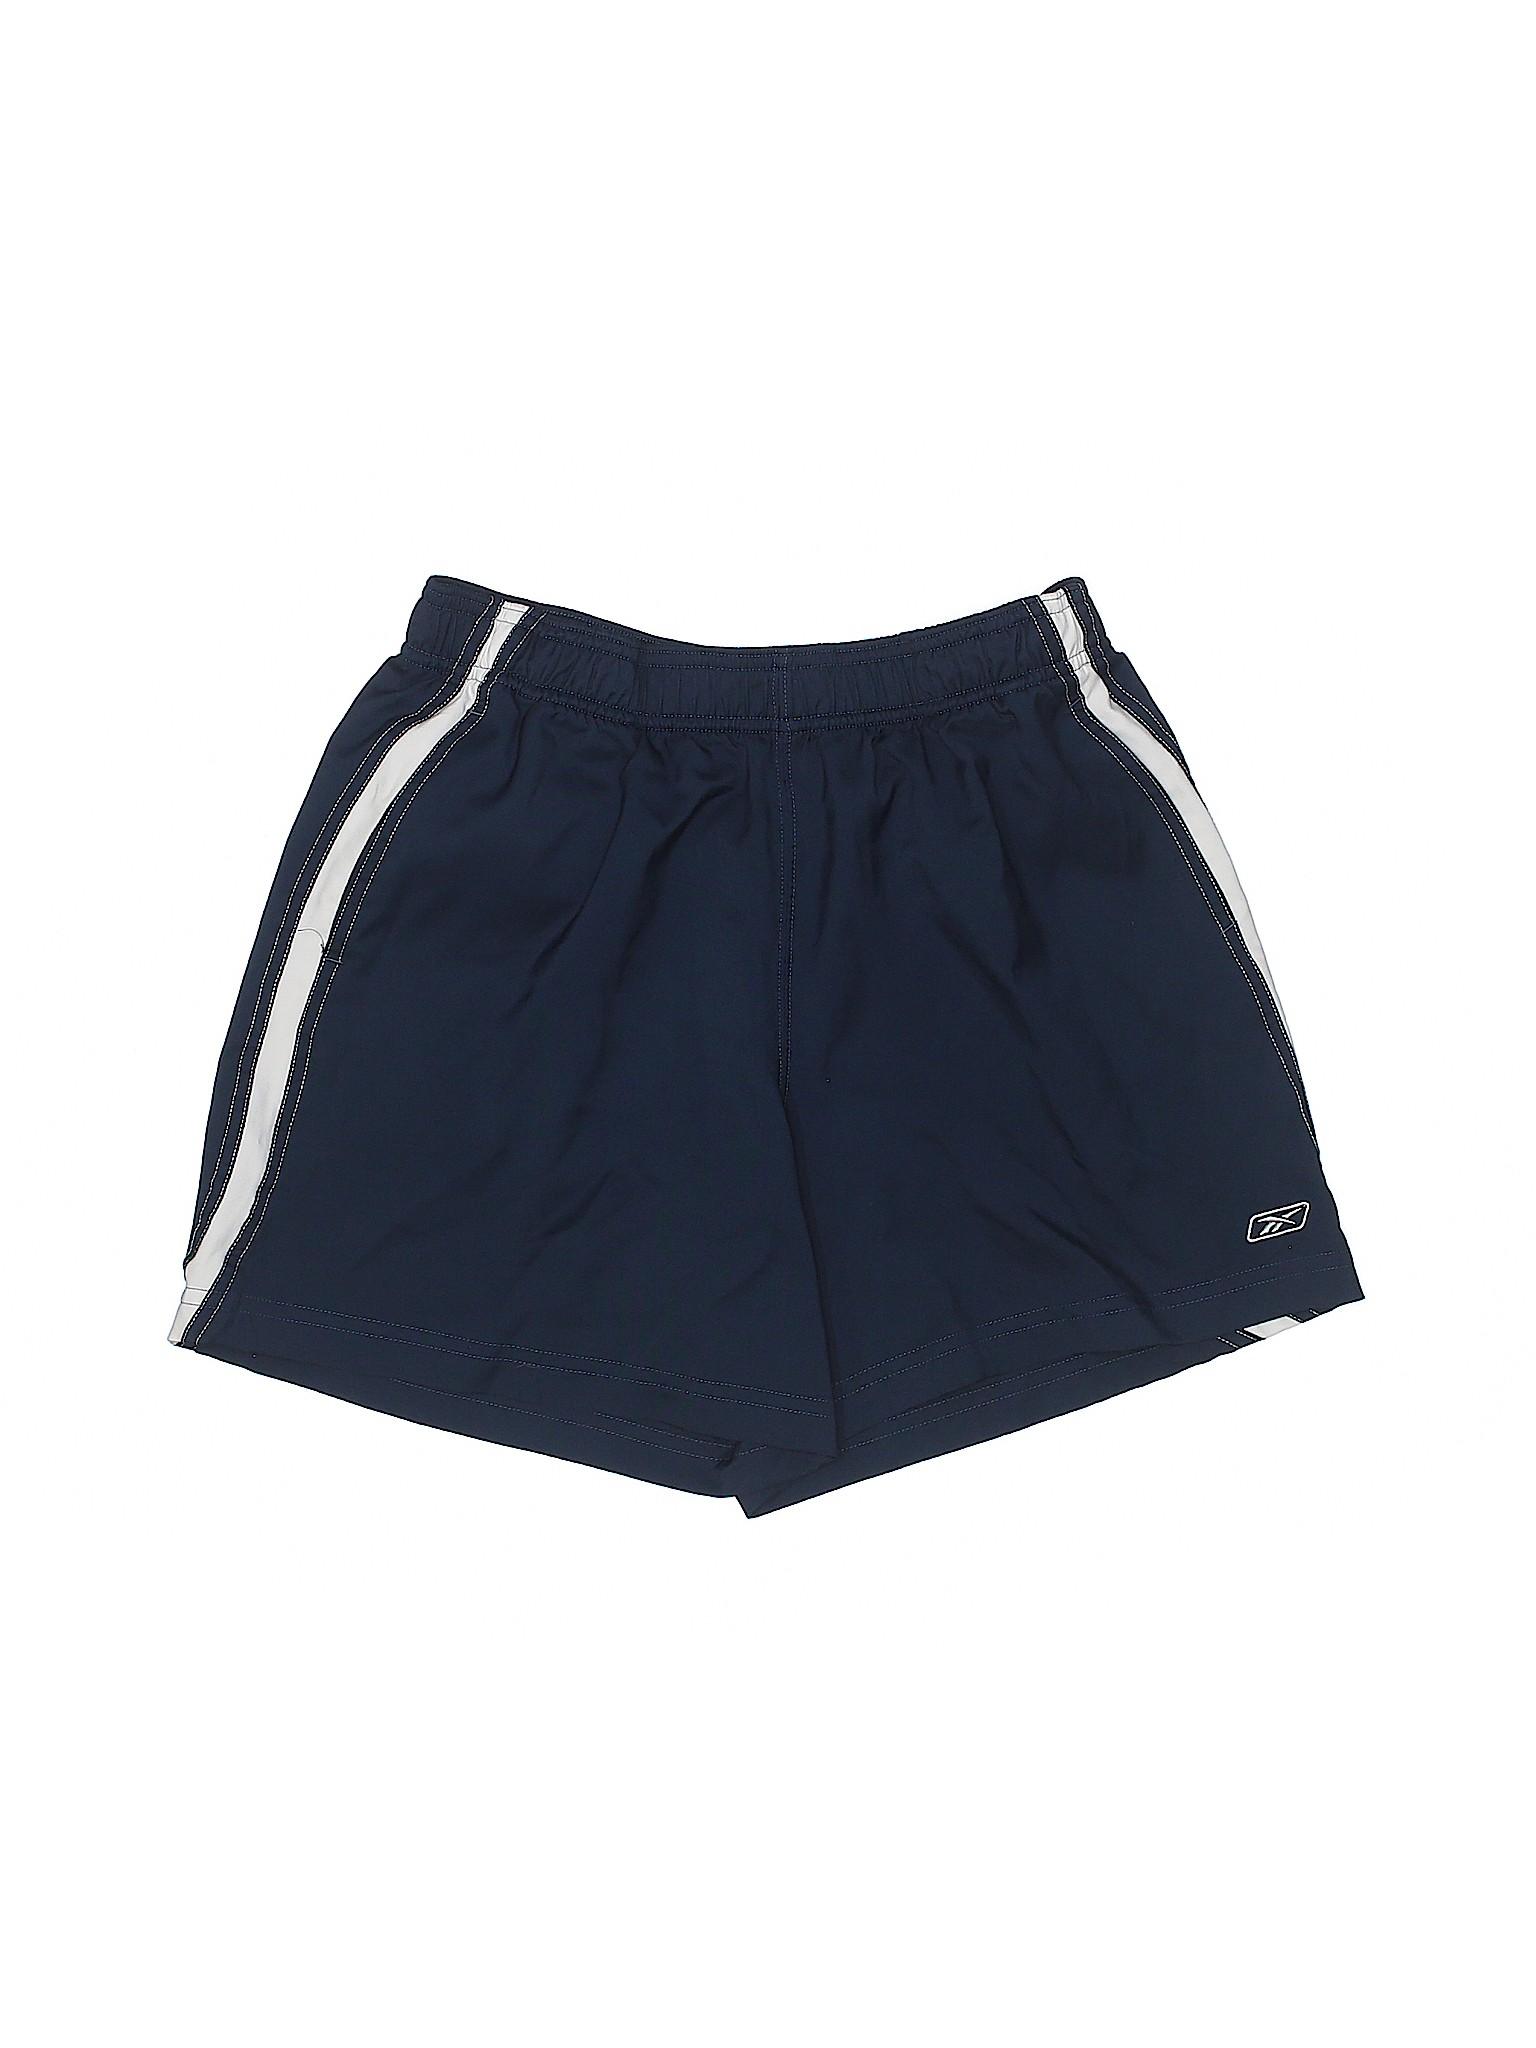 RBX Shorts Boutique RBX Boutique OxvnqIvS